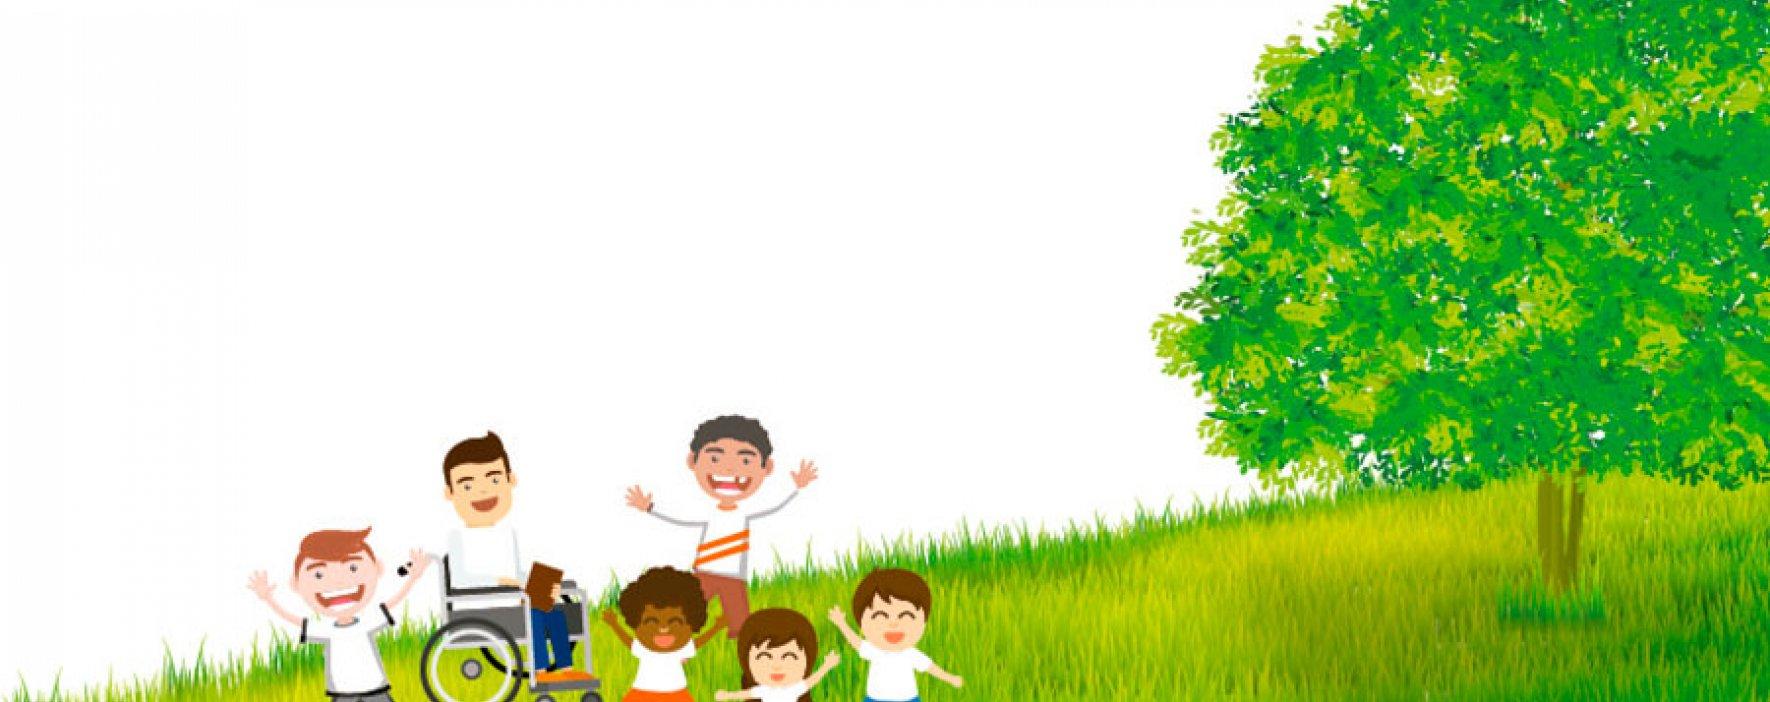 Foro Educación en valores: construimos paz desde la escuela